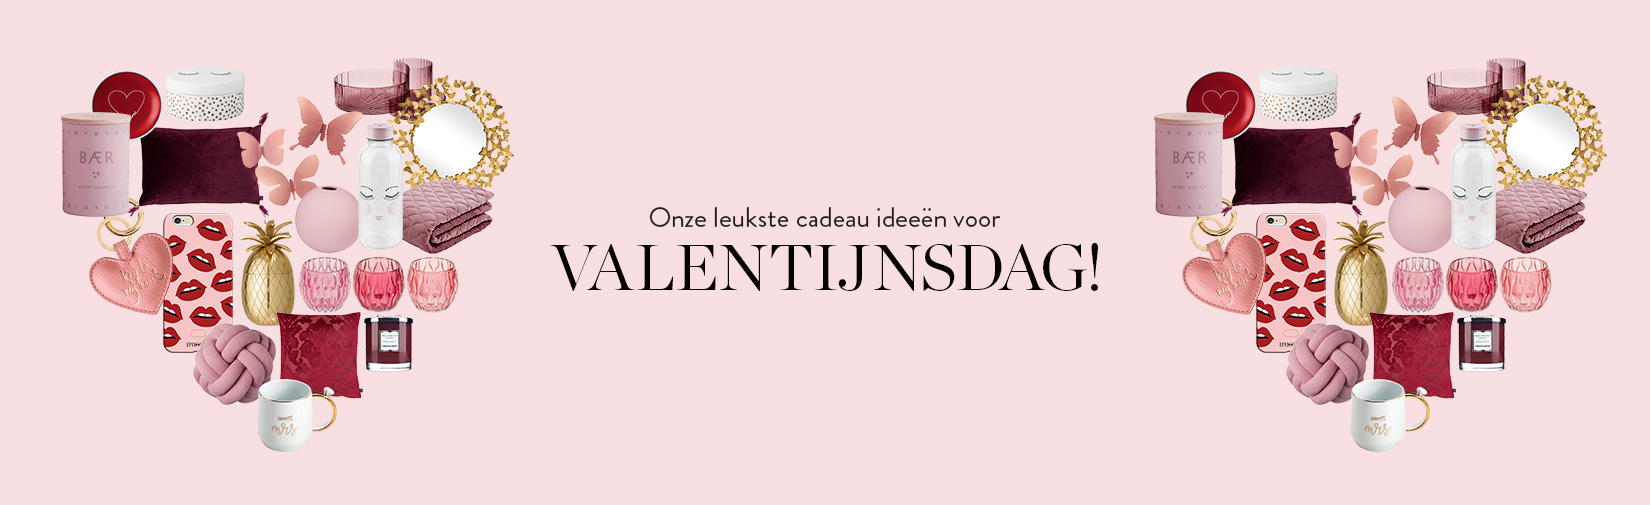 Desktop_valentijn